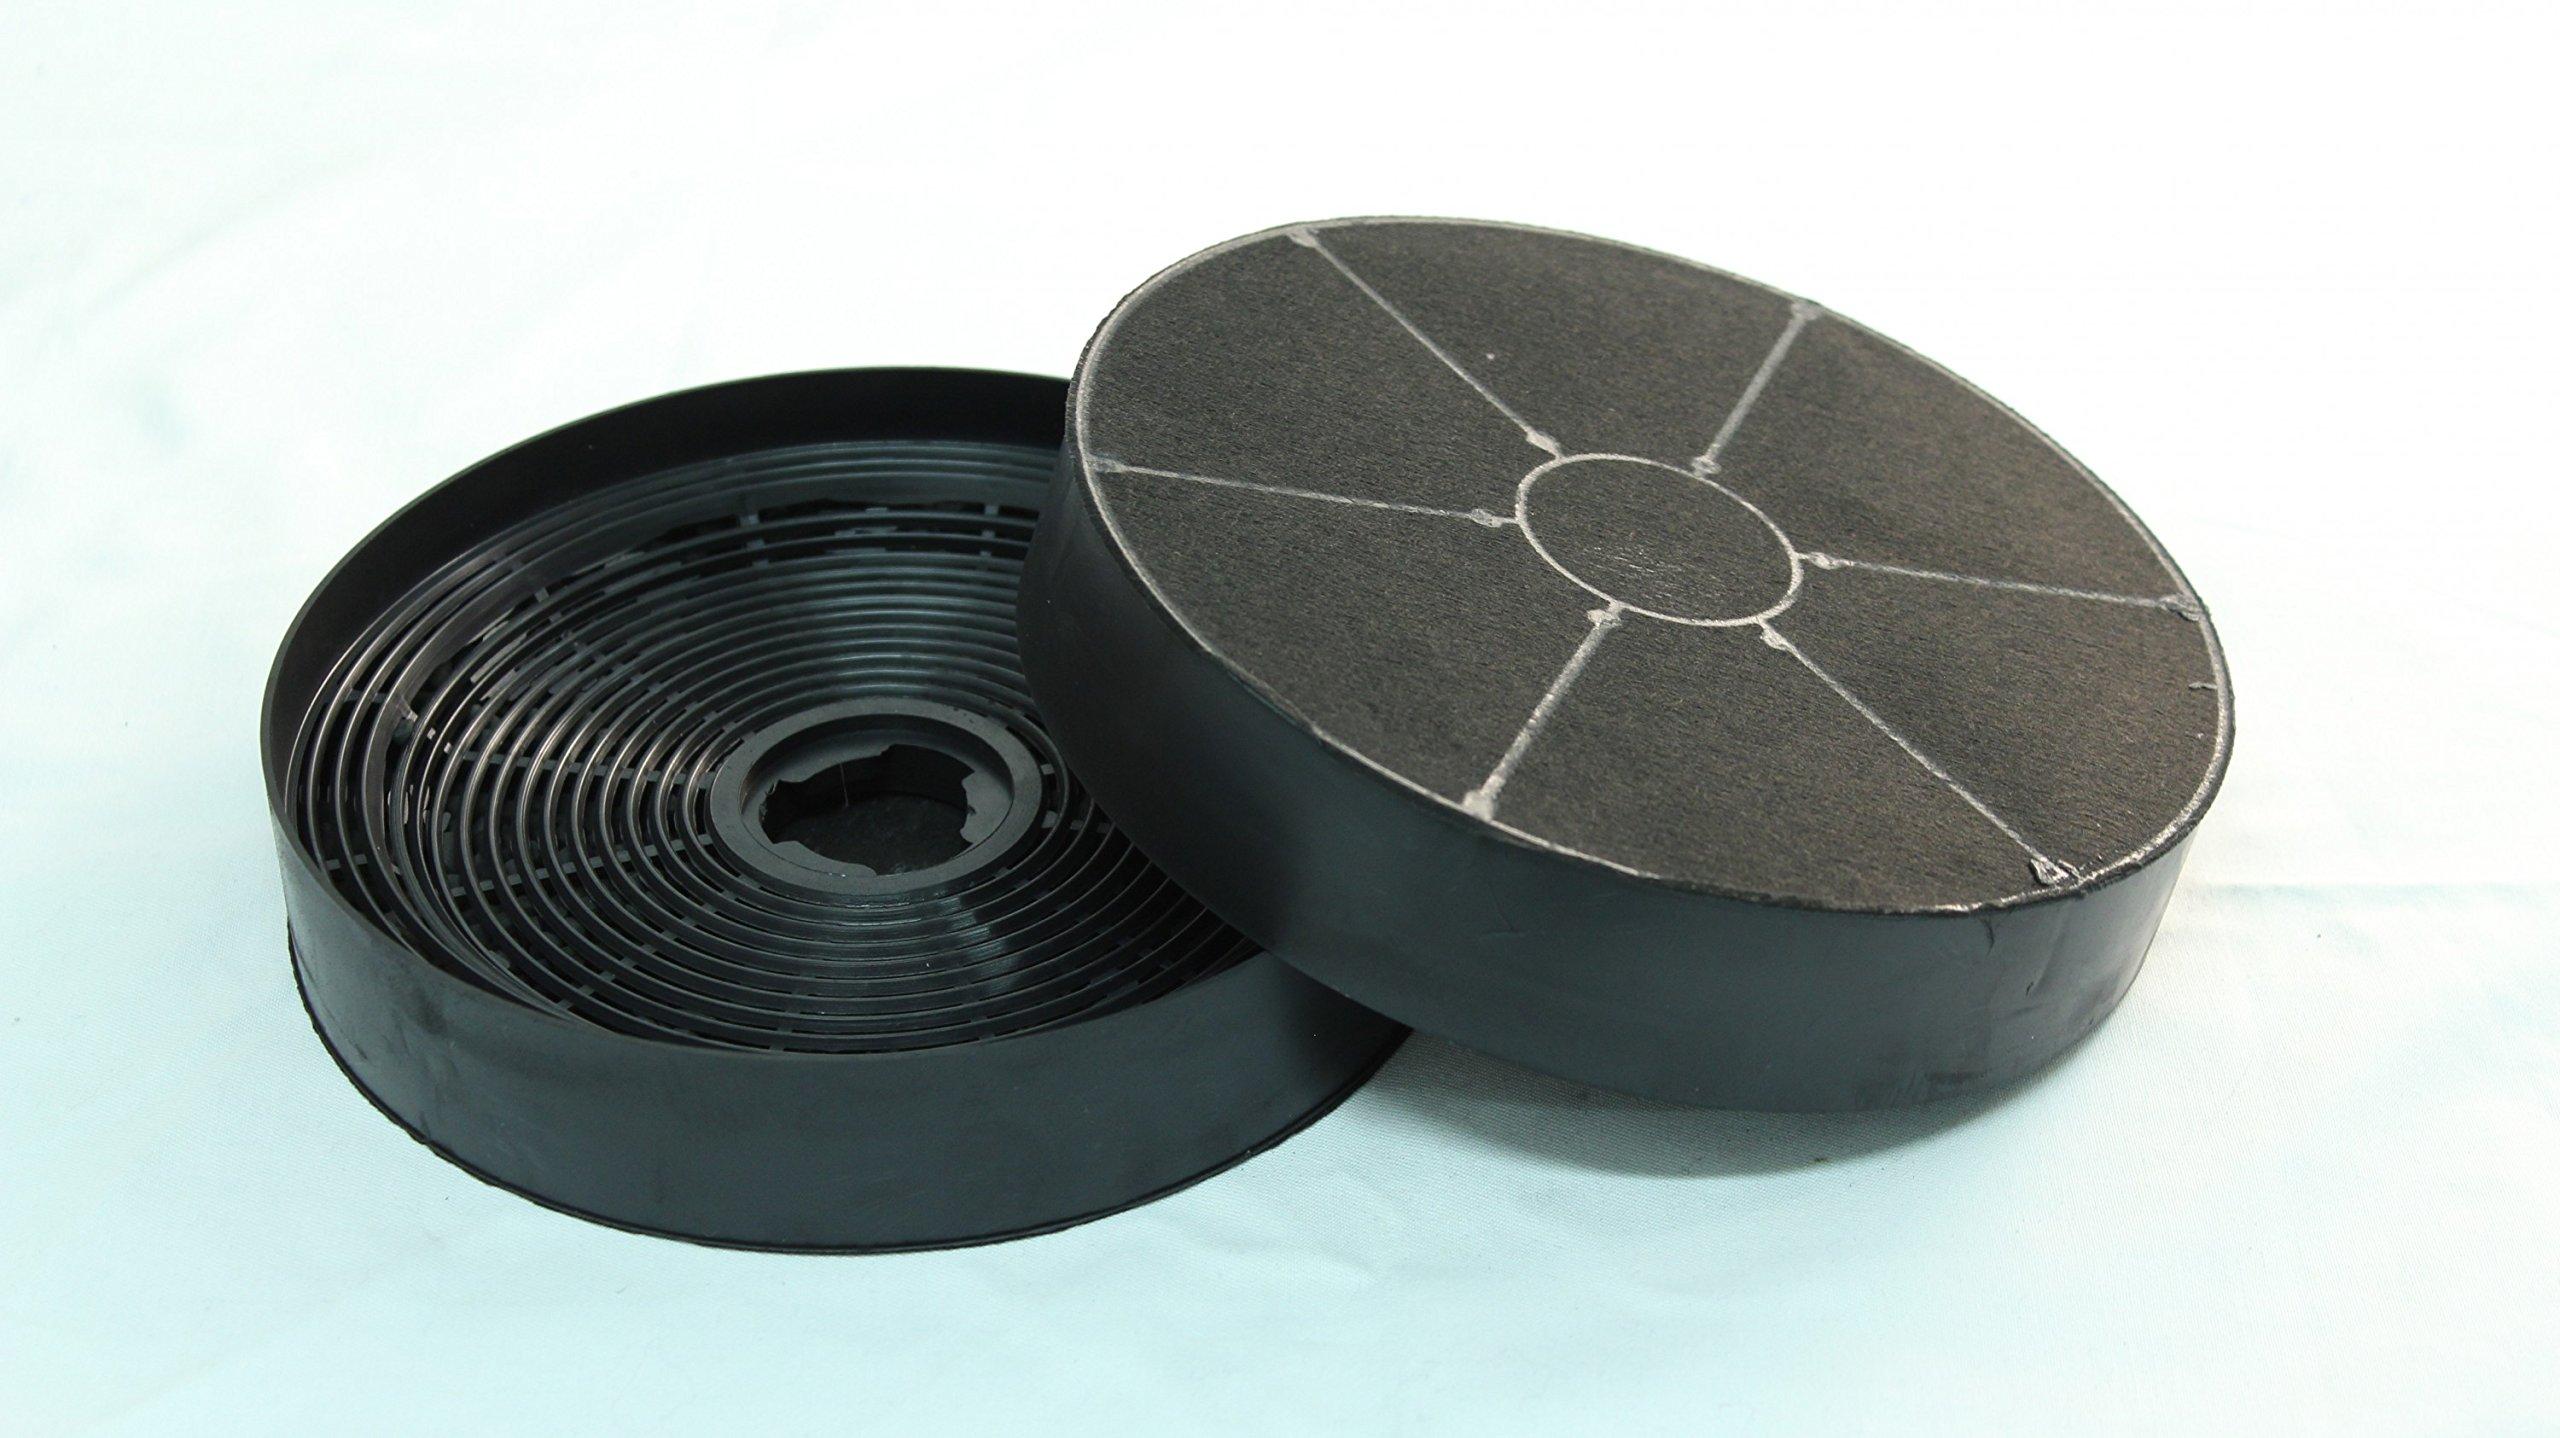 Filtro de carbón activo alternativo, 2 unidades, Keenberk, adecuado para filtro de carbono Respekta MIZ 0023 para campana extractora: Amazon.es: Grandes electrodomésticos